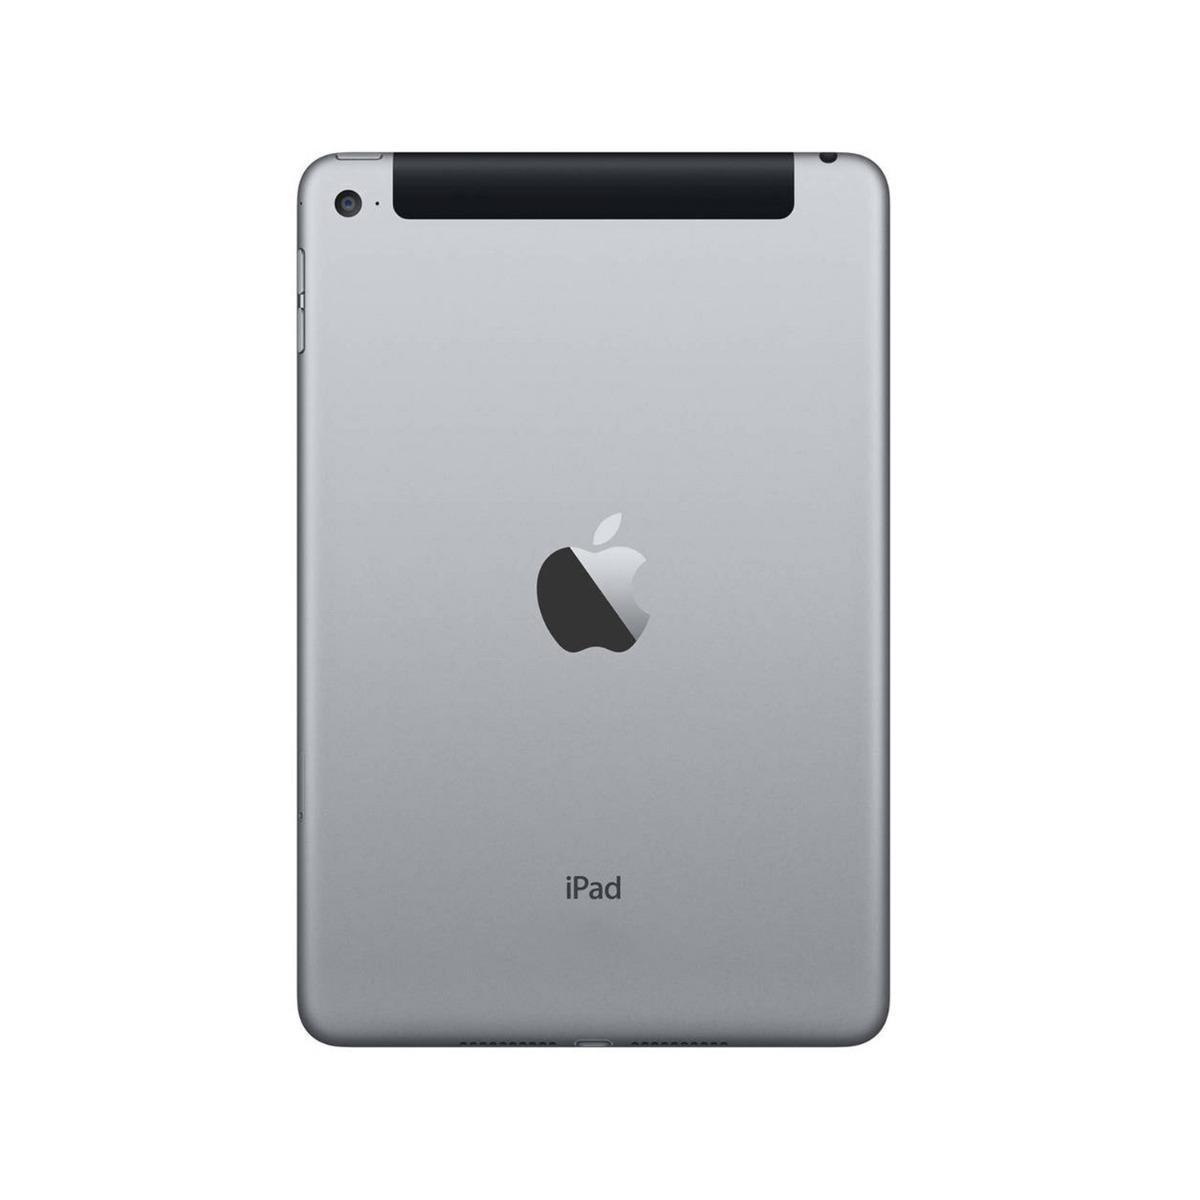 iPad mini 4 (2015) - WiFi + 4G